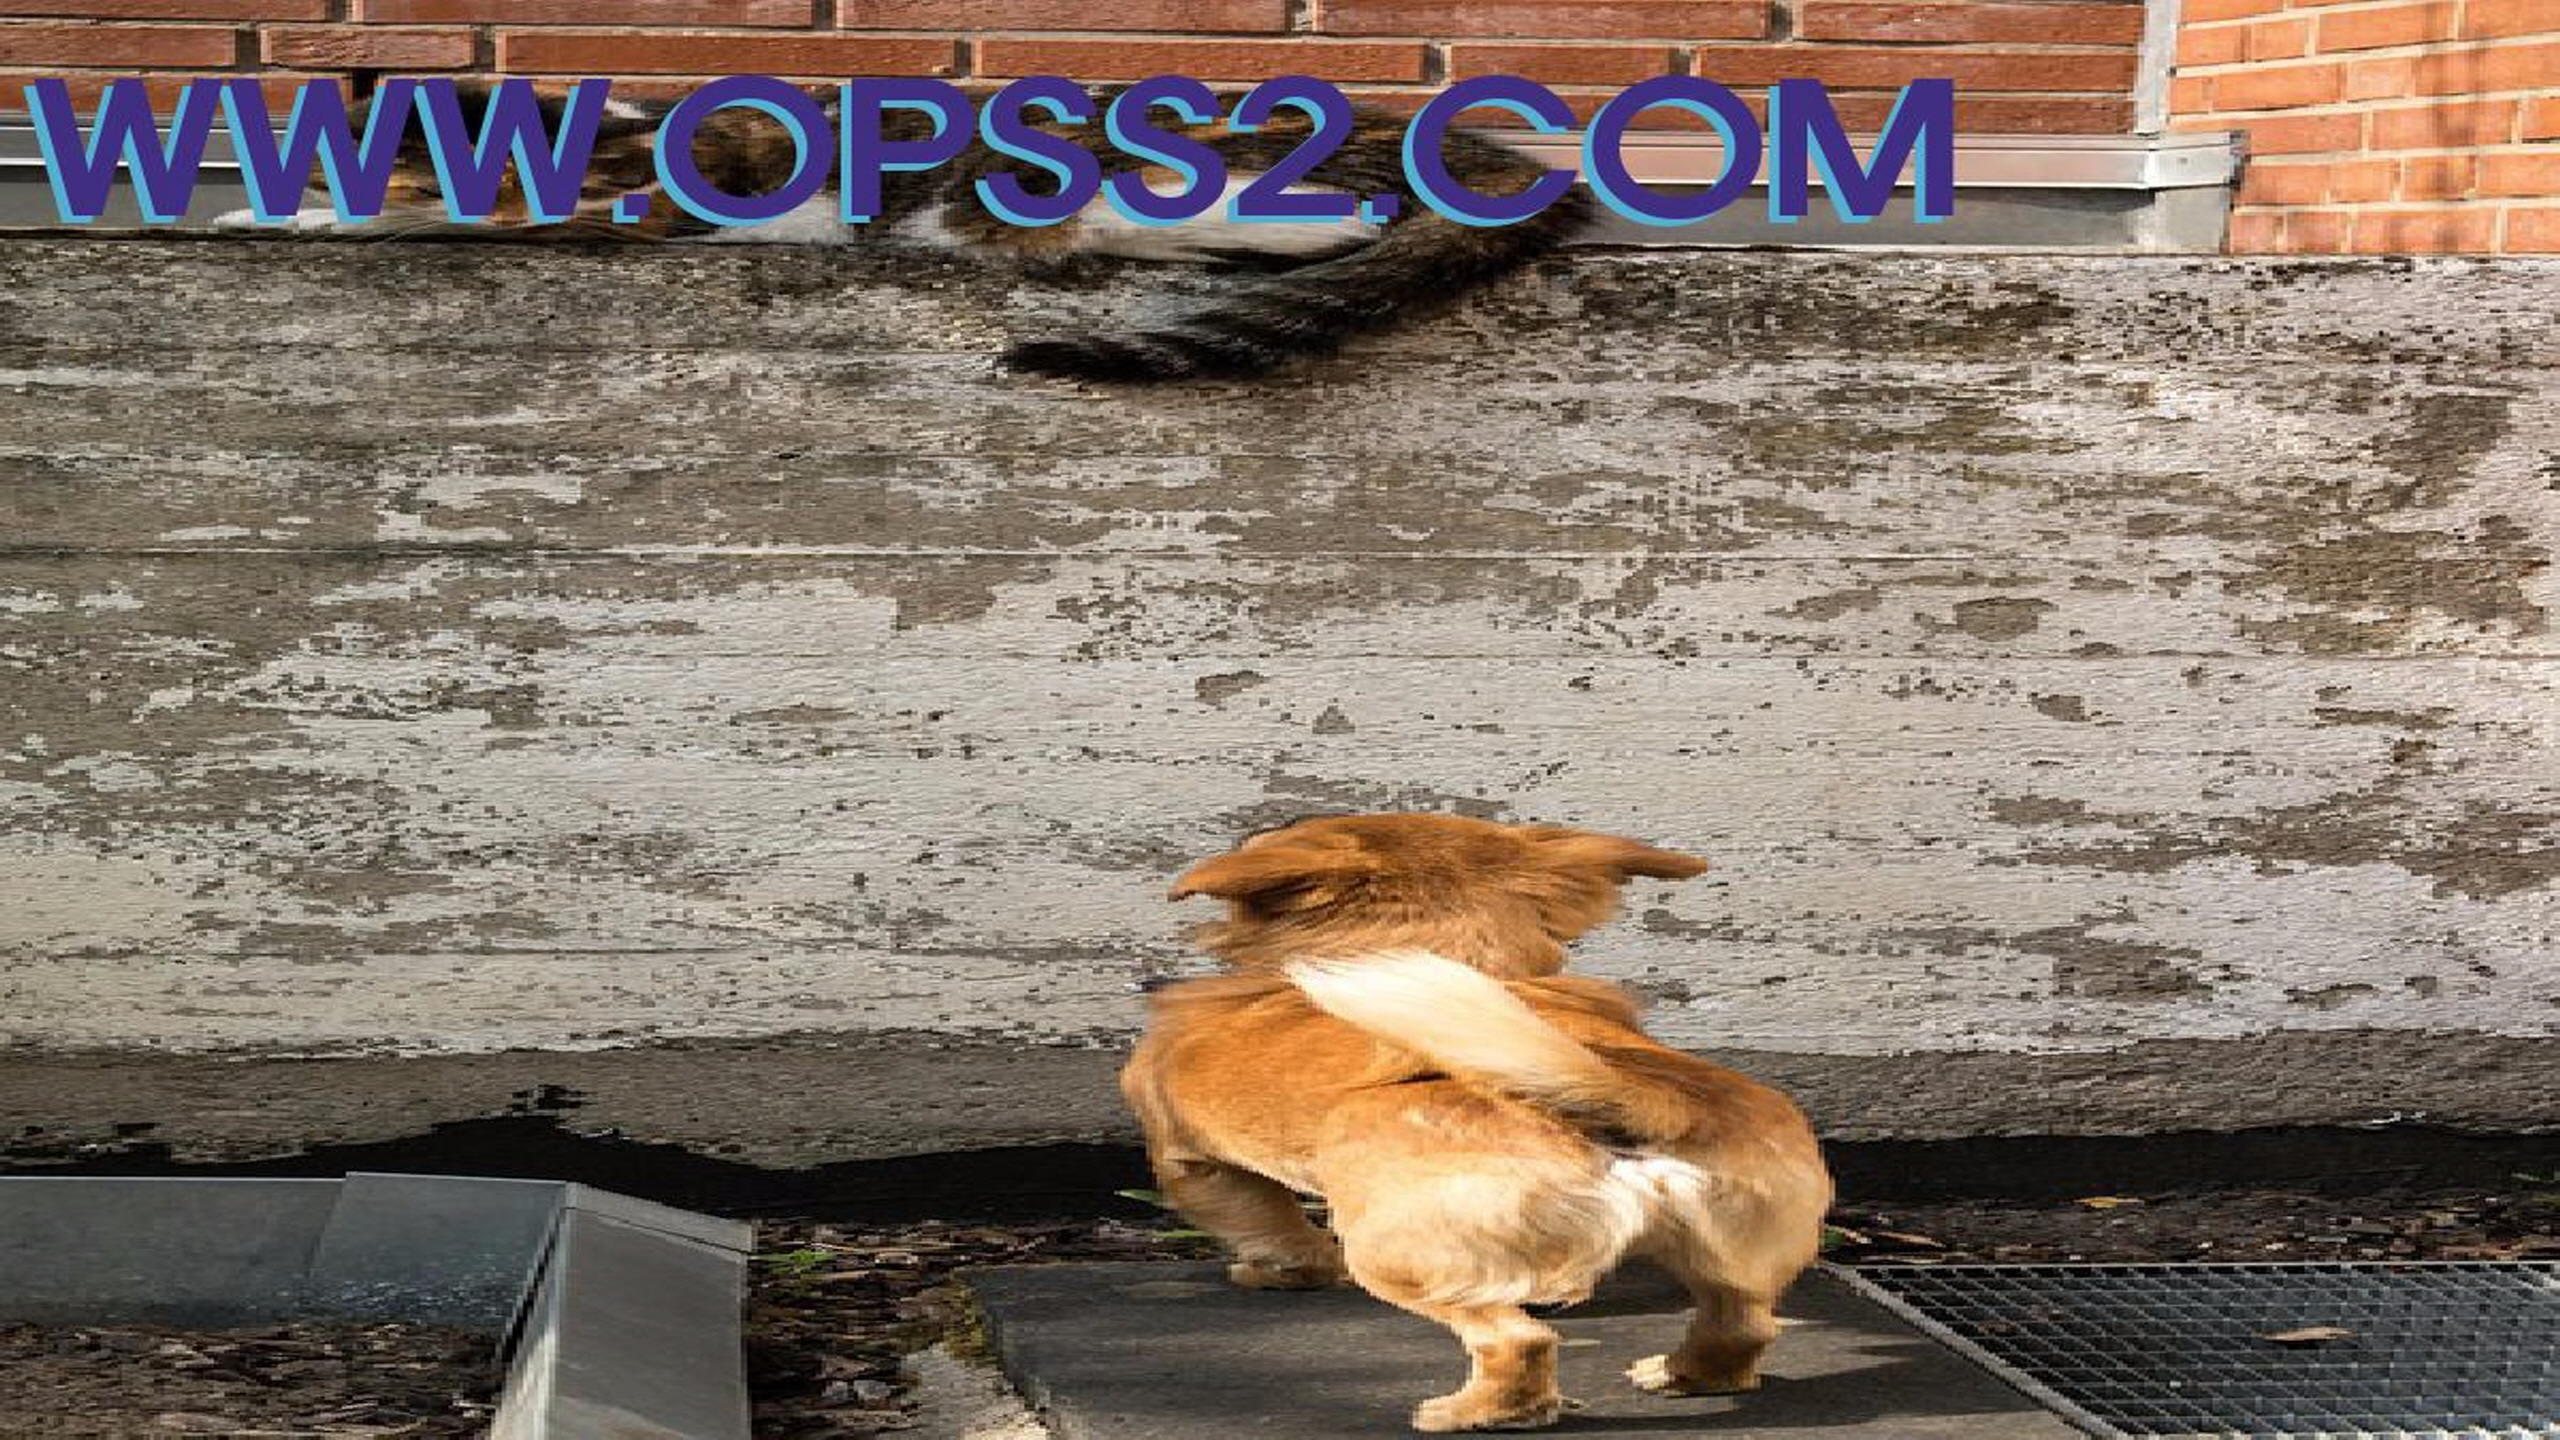 구미키스방 (@gumikissbangopss) Cover Image